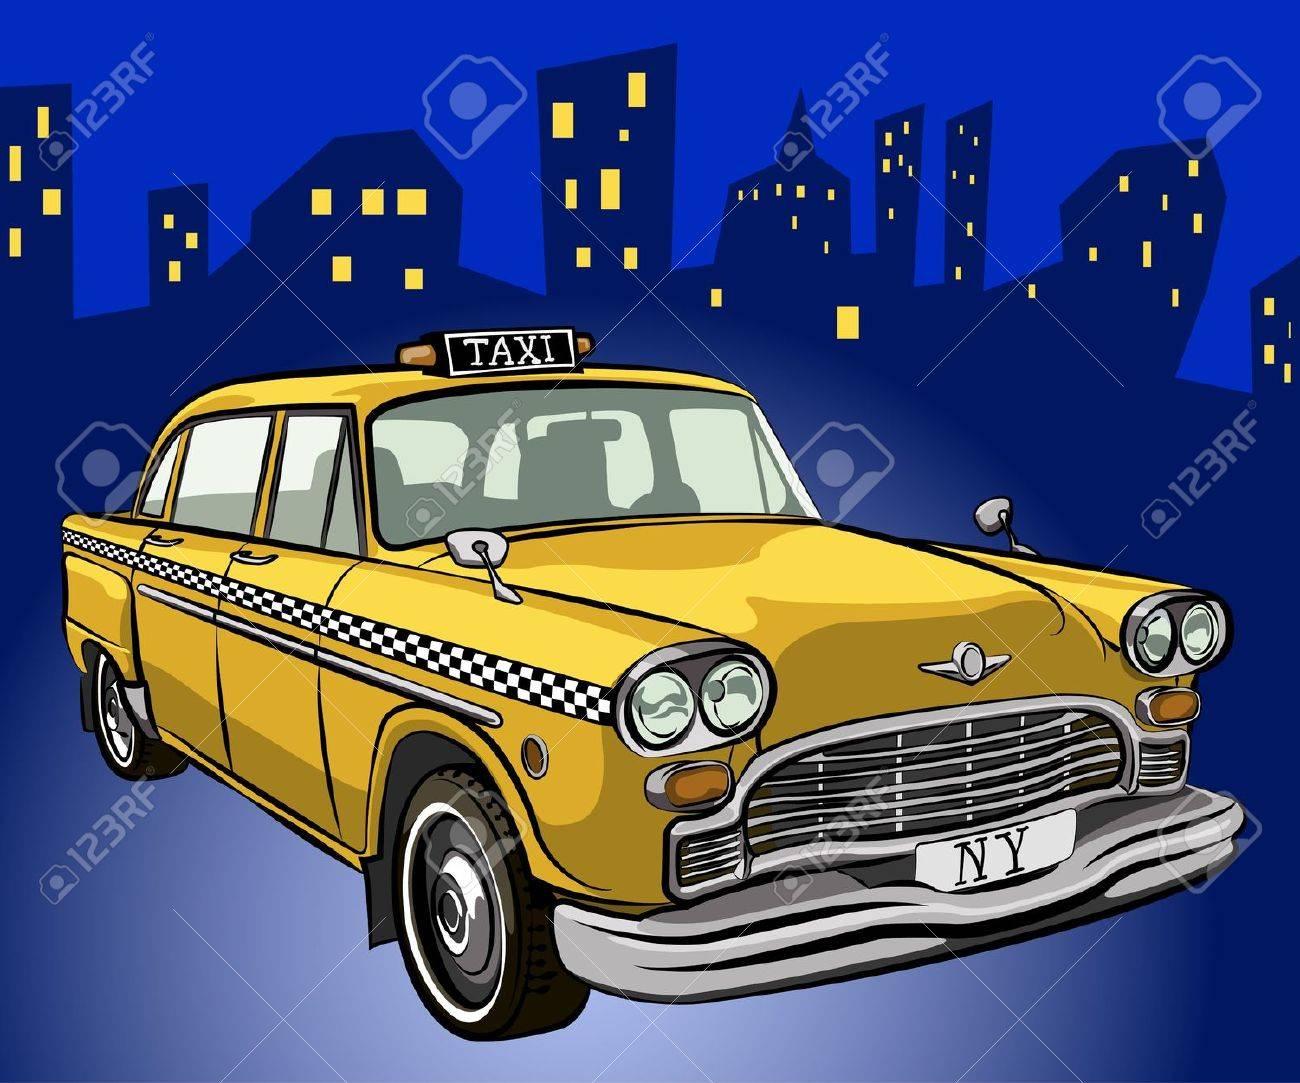 taxi cab Stock Vector - 21376482